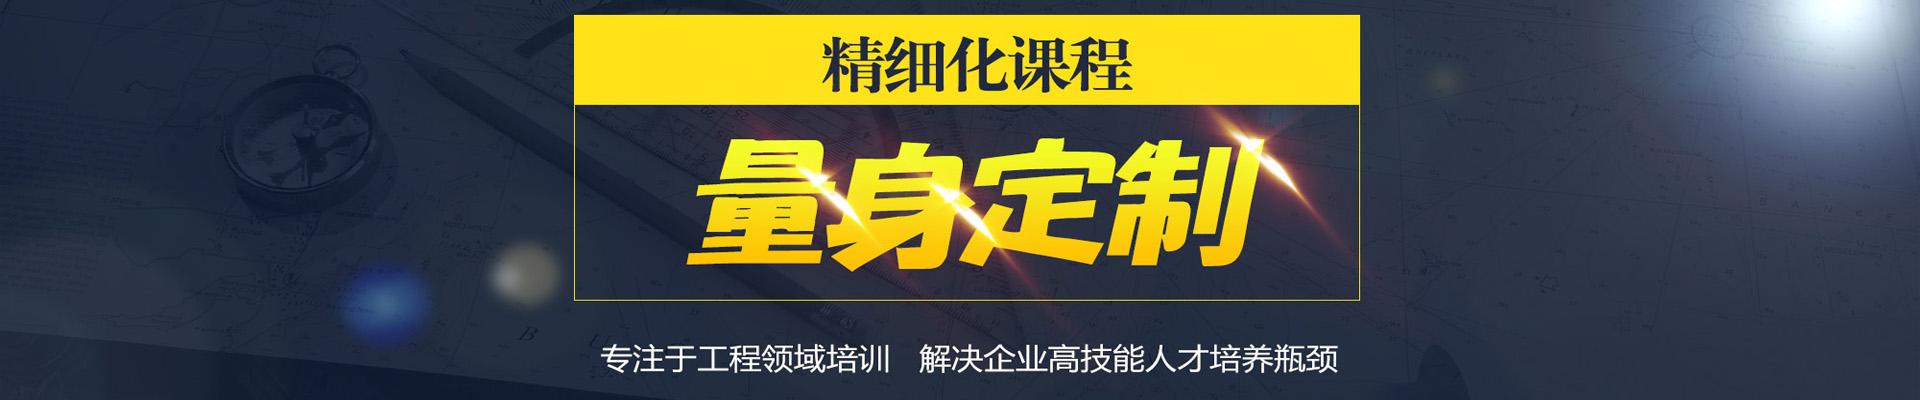 内蒙古赤峰优路教育培训学校